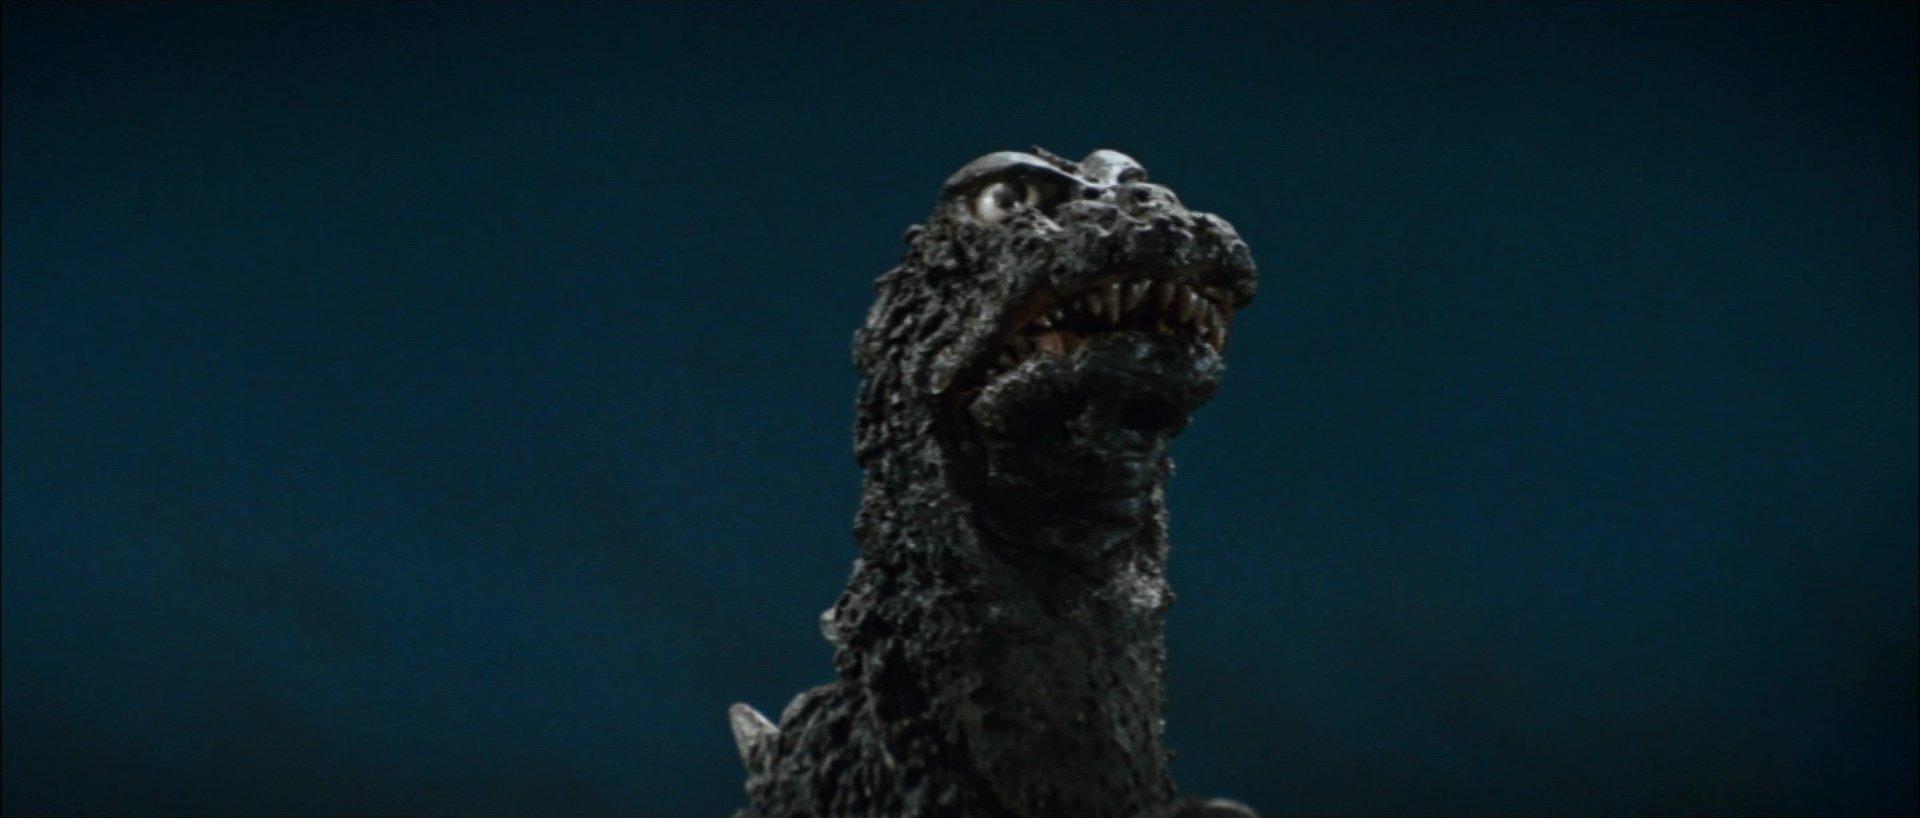 『三大怪獣地球最大の決戦』ゴジラに表情が・・・